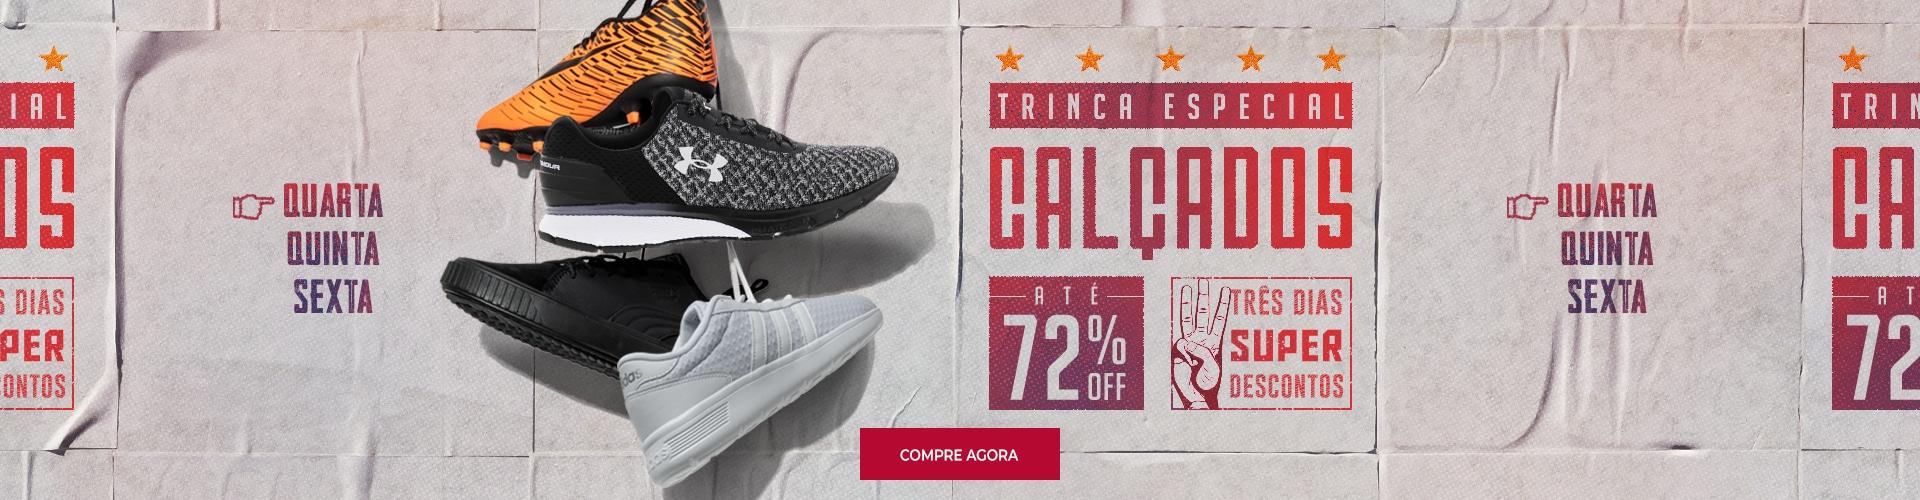 25bd027fbd3 Centauro Loja de Esportes - Nike